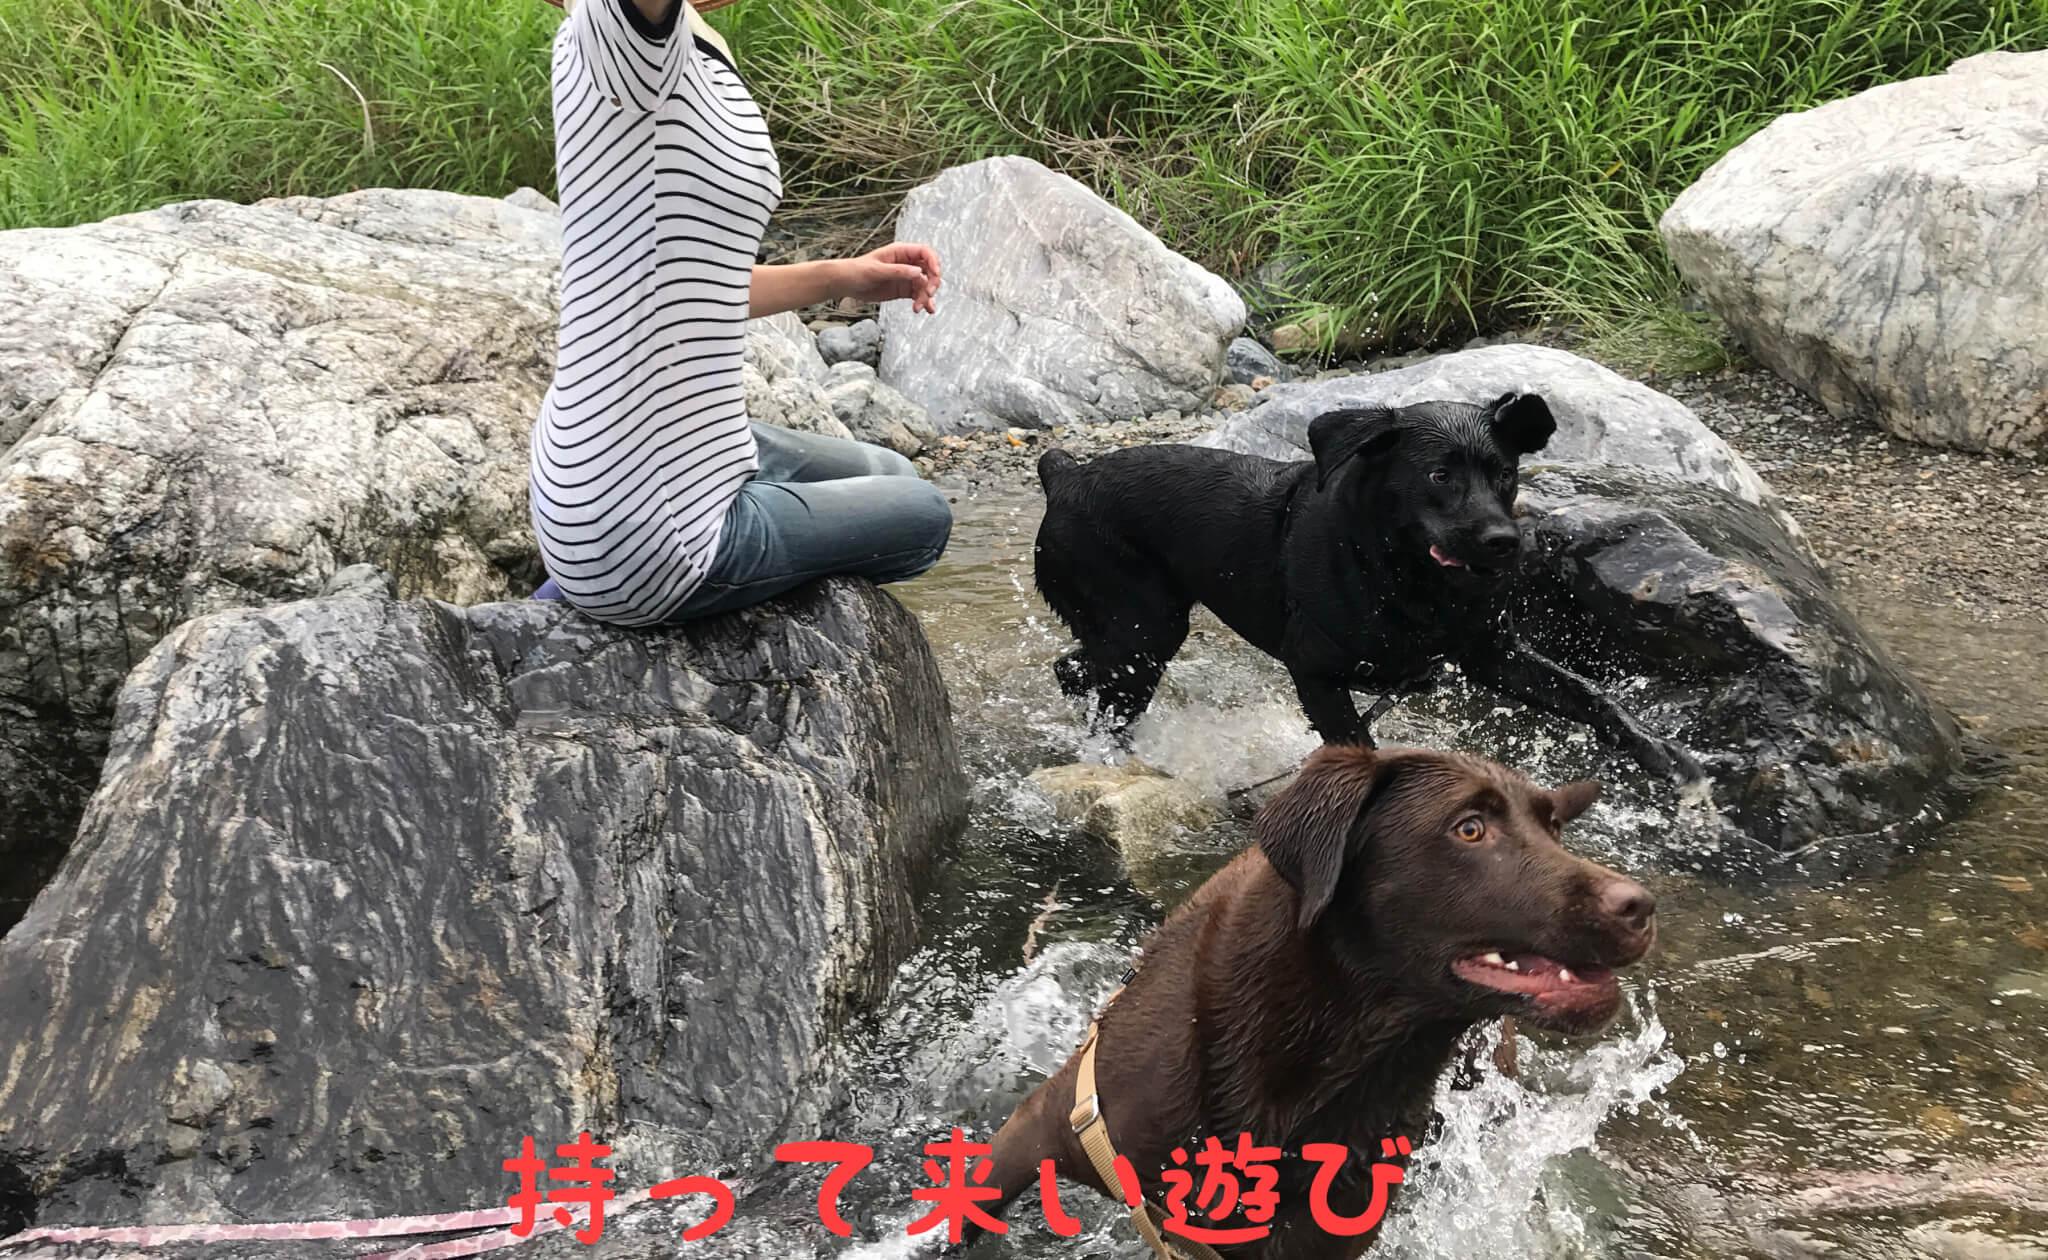 摂津峡公園 犬 川遊び 芥川 ラブラドールレトリバー 持って来い遊び